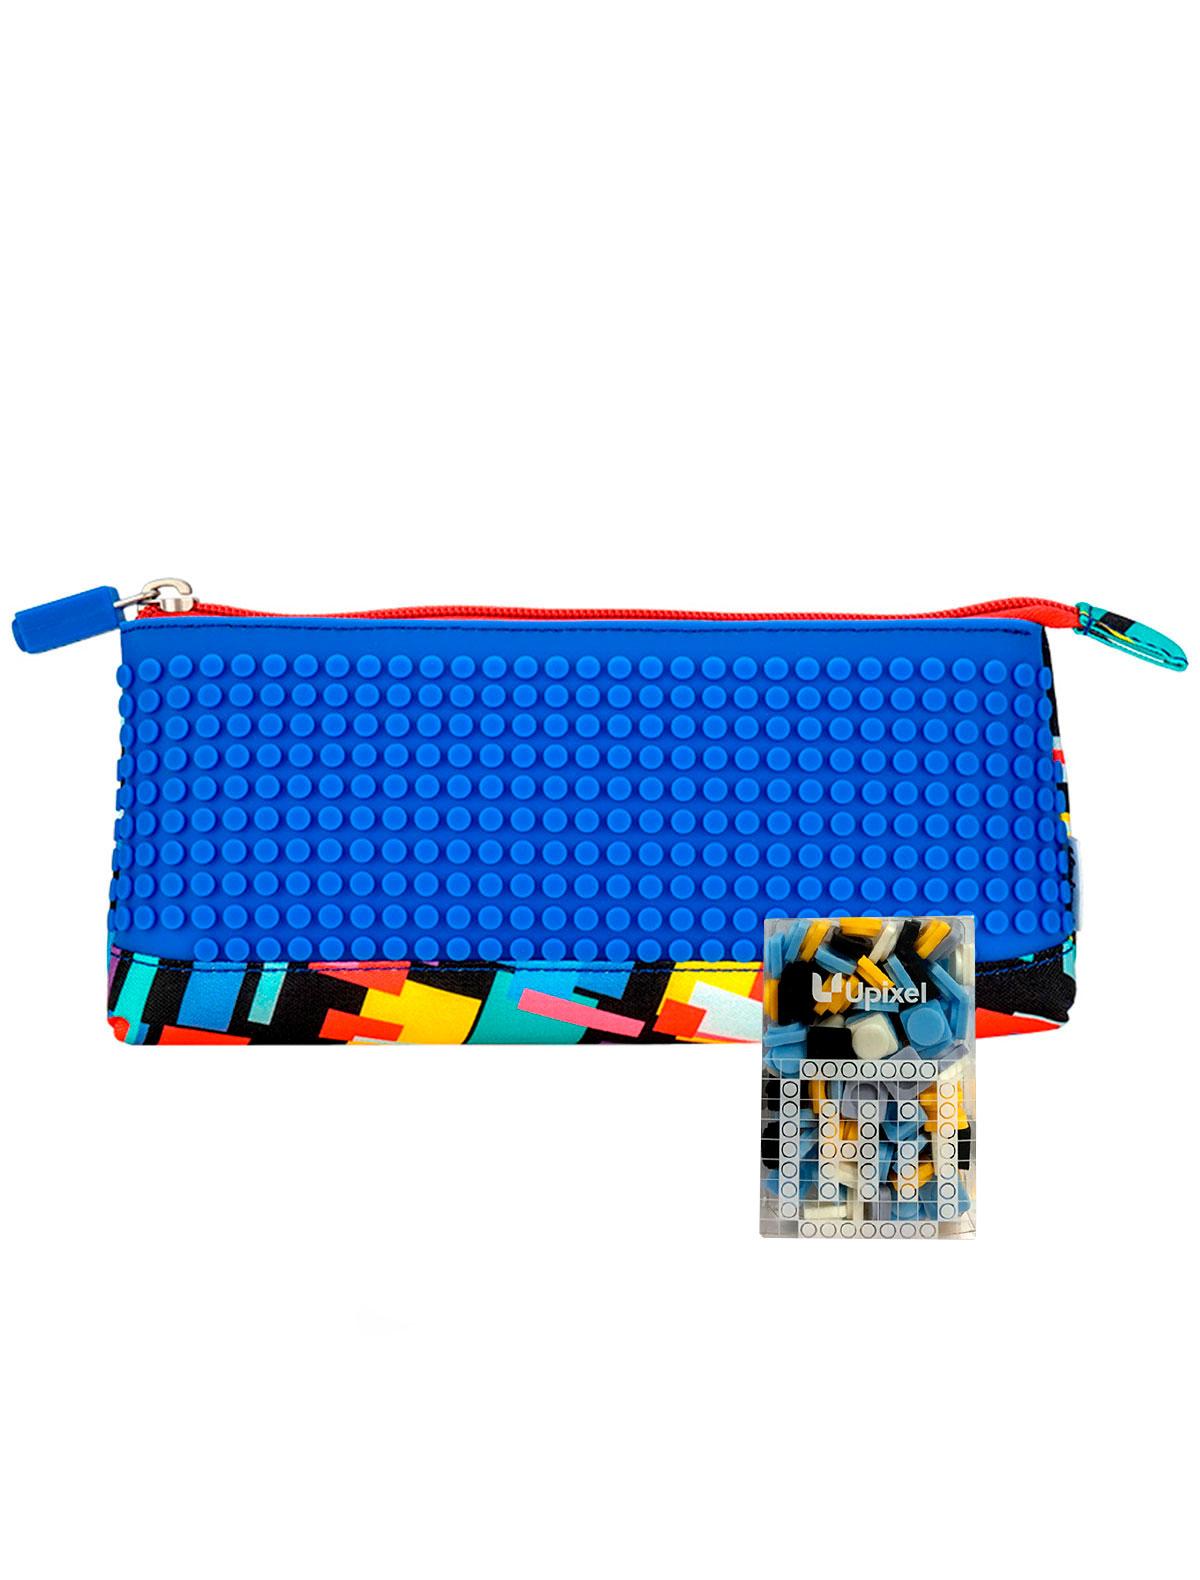 Купить 2220732, Пенал Upixel, синий, 1684528080097